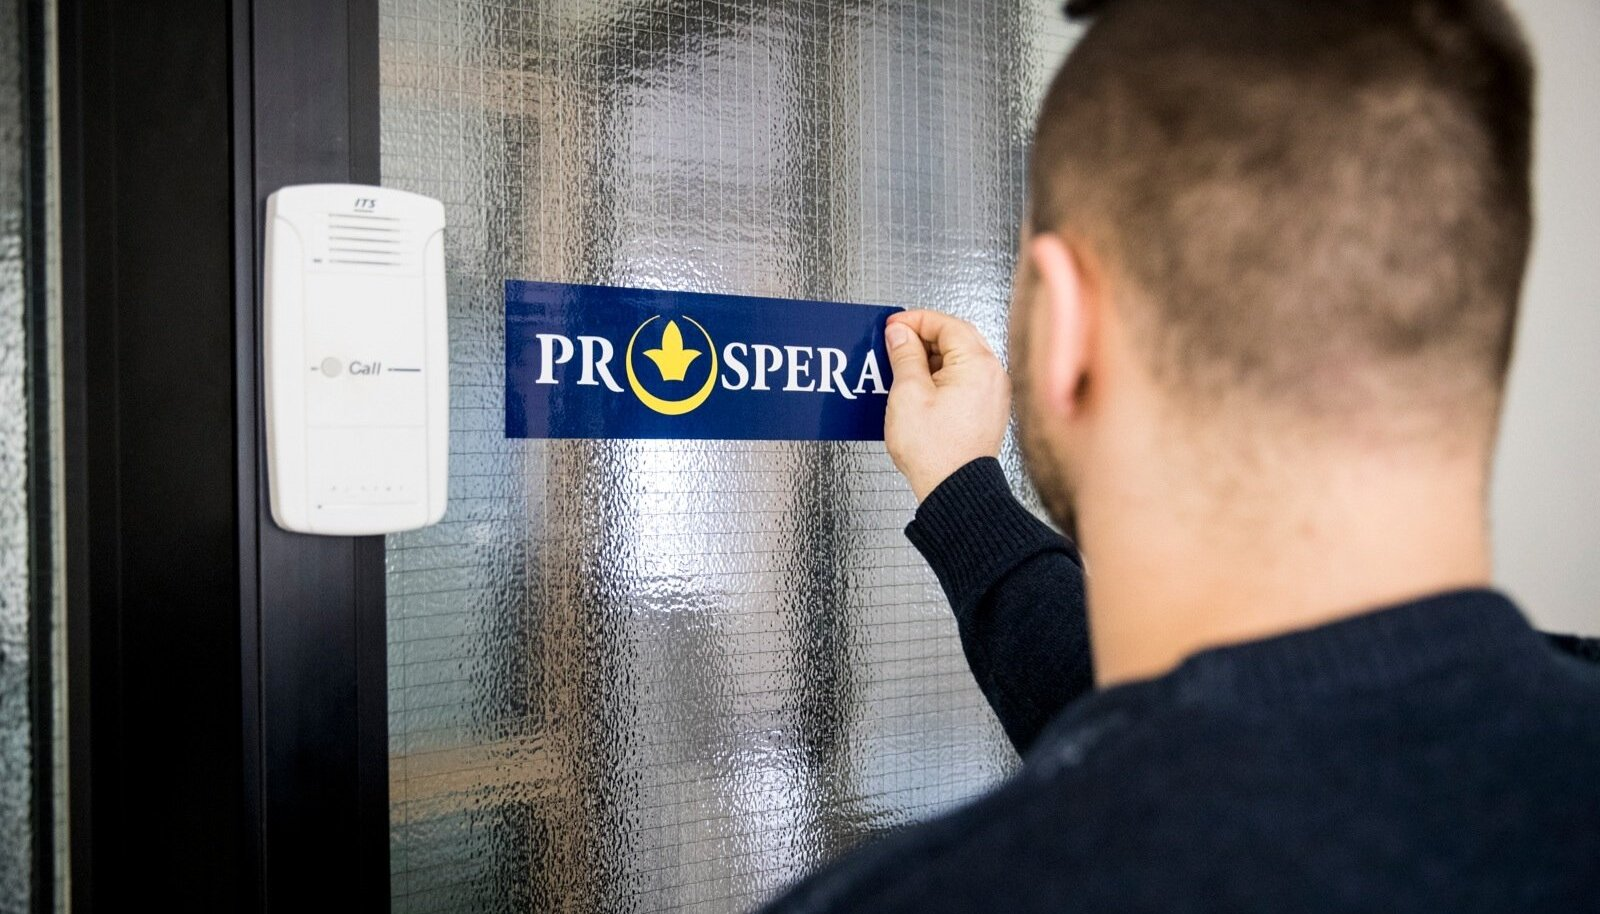 Äsja pealinnas Kreutzwaldi tänavalt Metro Plaza kontorisse kolinud firma Prospera aitab hämaravõitu firmadel tegelikke kasu saajaid maksuparadiisi peita. Eile võeti vana asukoha ukselt silti maha.